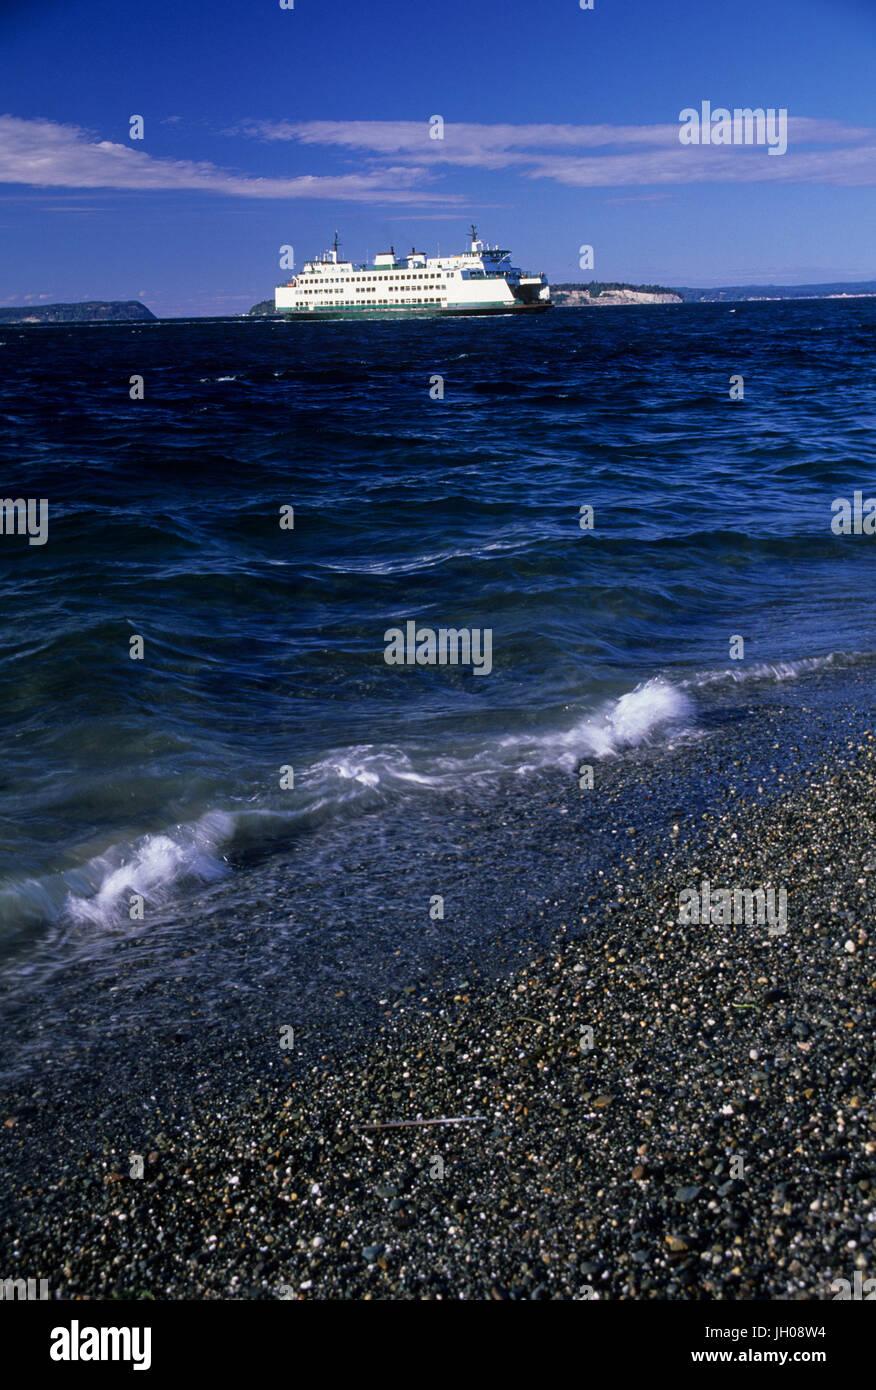 Washington State Ferry, Mukilteo Lighthouse Park, Mukilteo, Washington - Stock Image